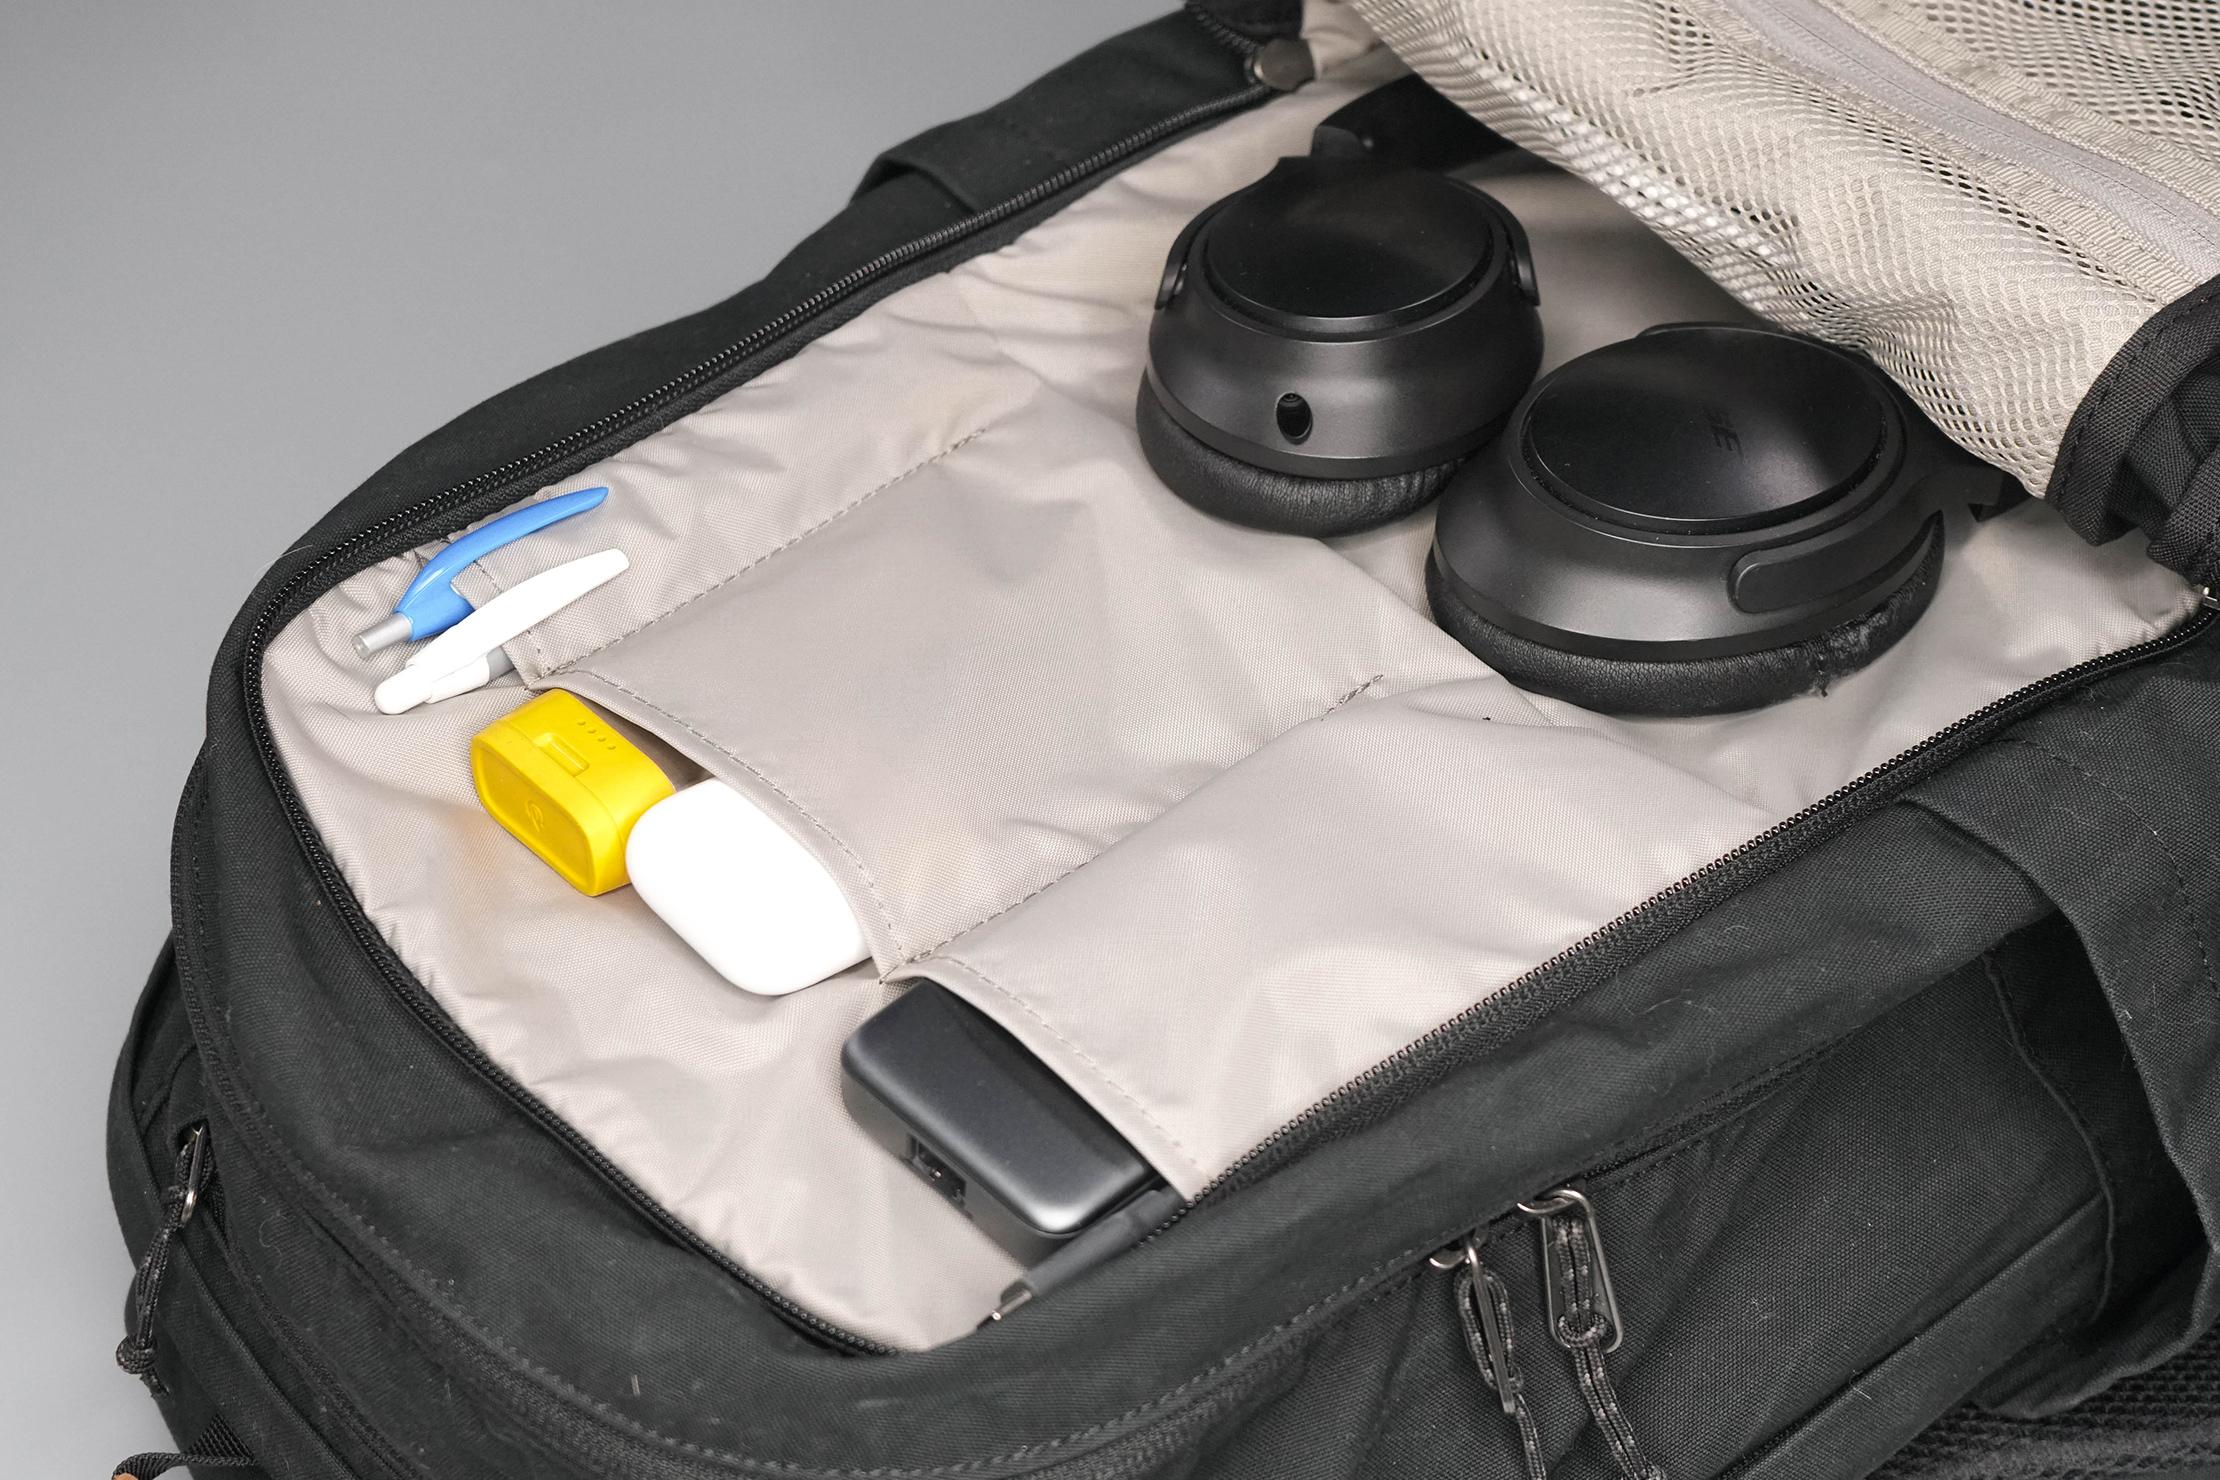 Fjallraven Raven 28 Front Compartment Liner Pockets